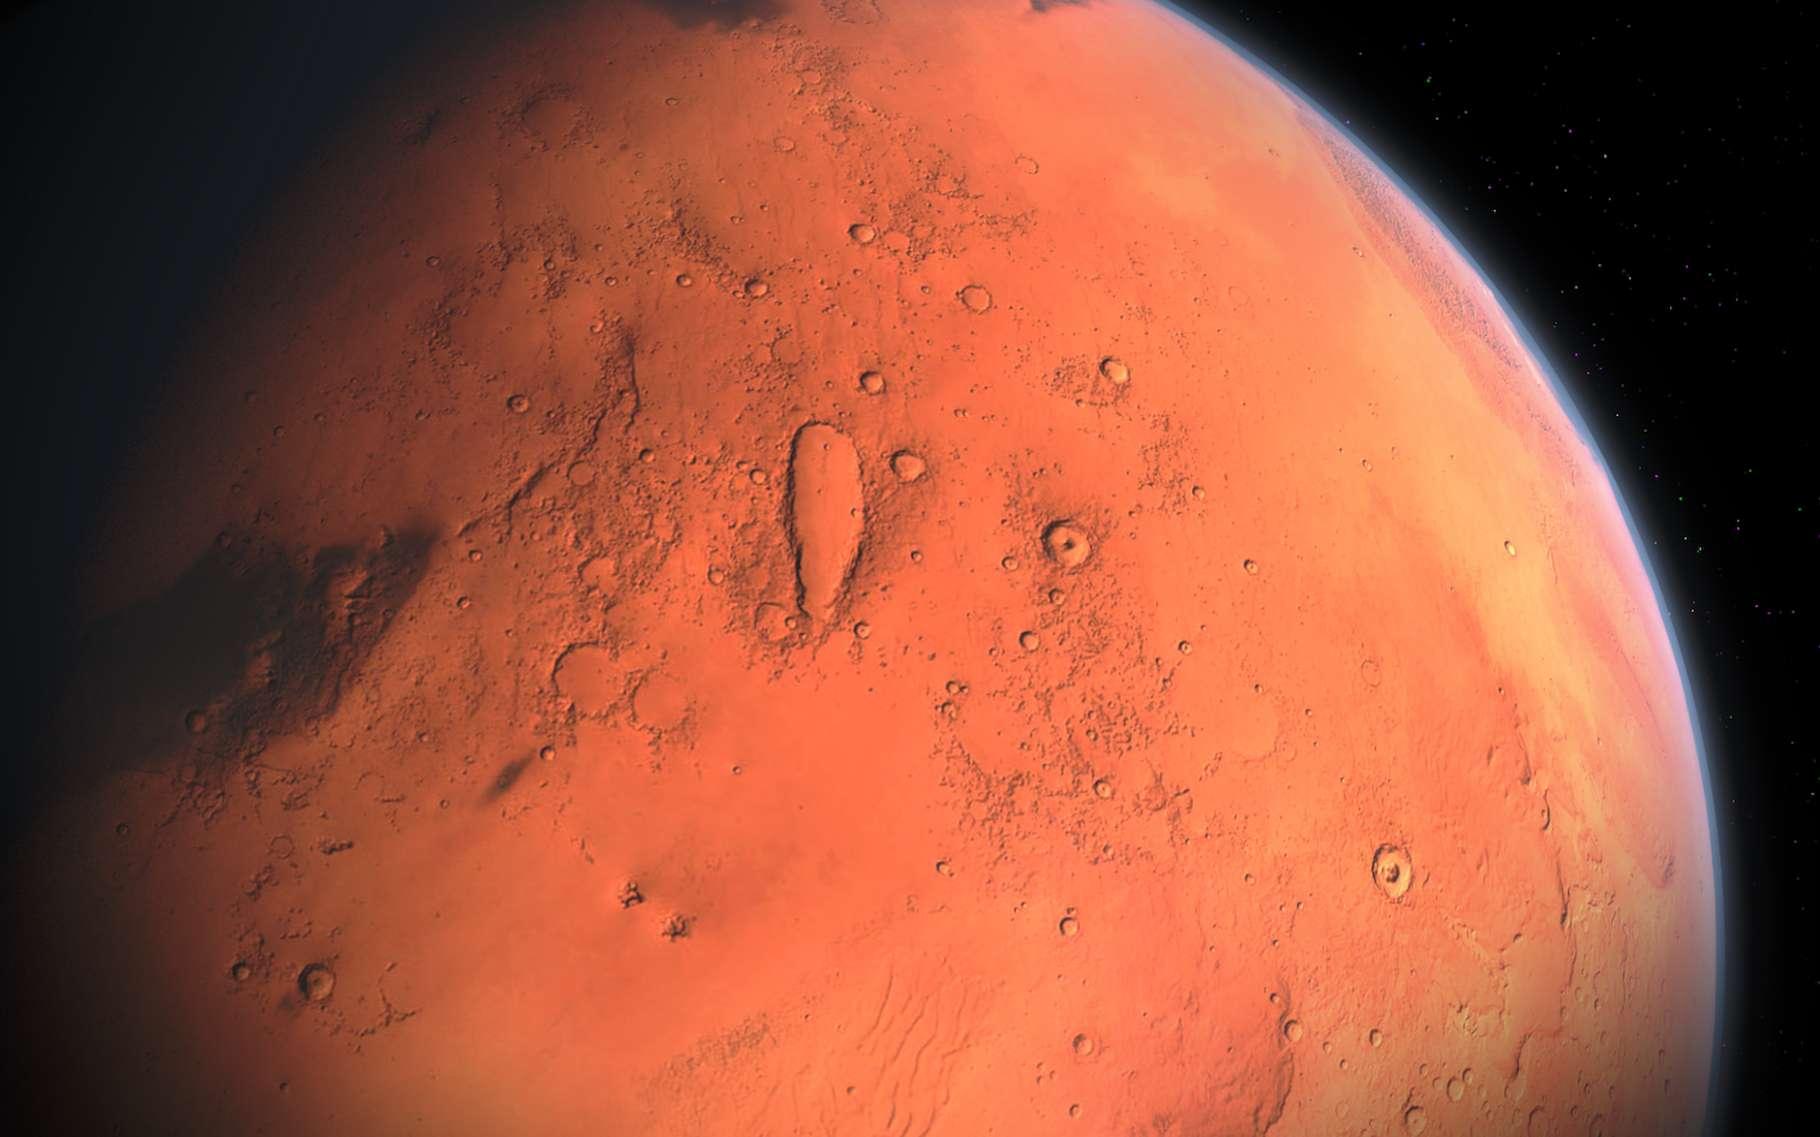 Pour trouver la source du méthane détecté sur Mars, des chercheurs de l'université de Newcastle (Royaume-Uni) ont décidé de procéder par élimination. Ils affirment aujourd'hui qu'elle n'est pas à chercher du côté de l'érosion par les vents. © Aynur_zakirov, Pixabay License